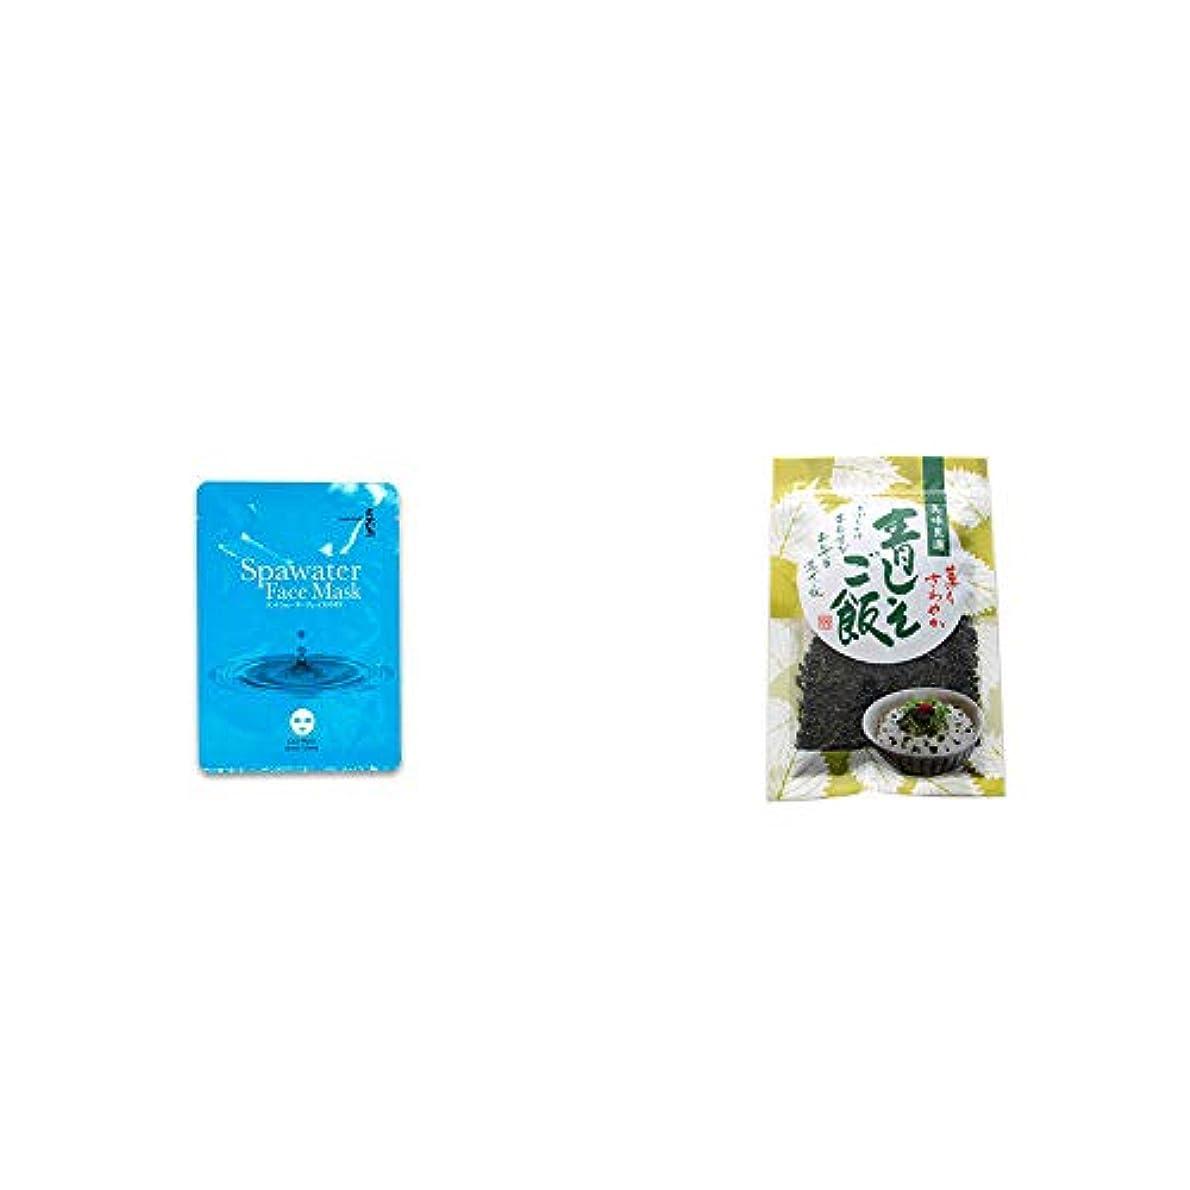 ミュウミュウ症候群純粋に[2点セット] ひのき炭黒泉 スパウォーターフェイスマスク(18ml×3枚入)?薫りさわやか 青しそご飯(80g)